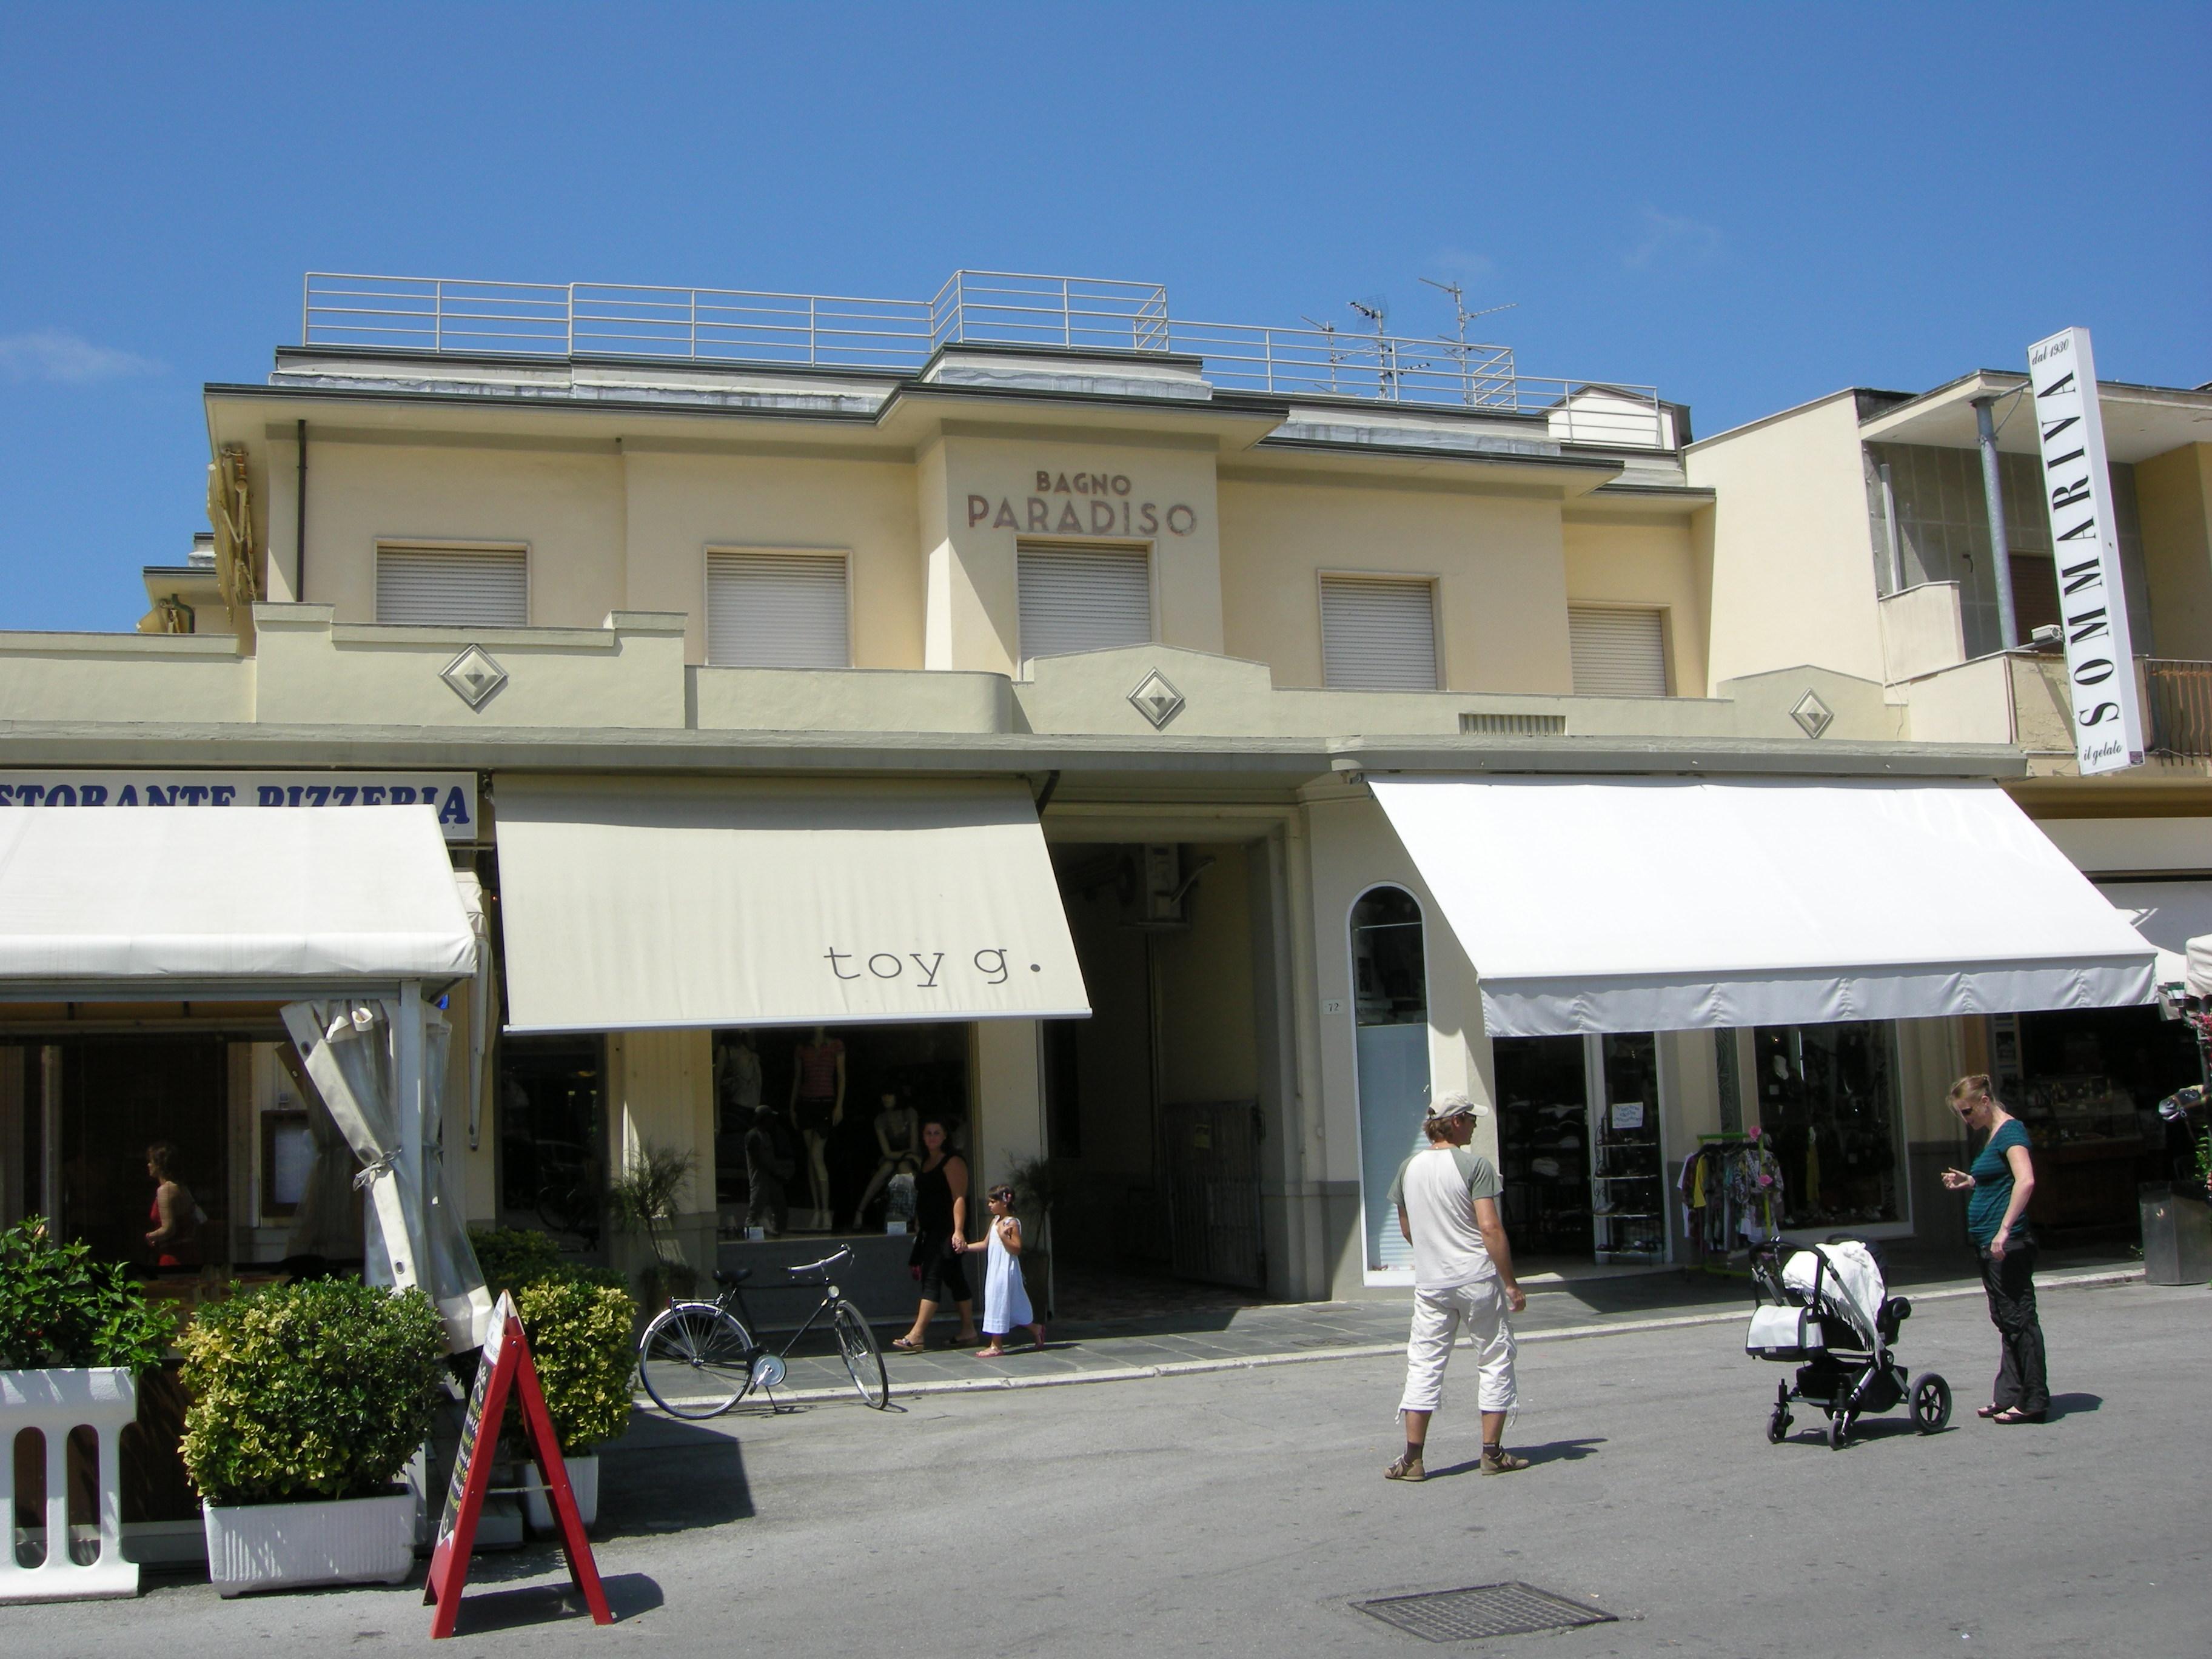 File:Passeggiata di viareggio 13 bagno paradiso.JPG - Wikimedia Commons